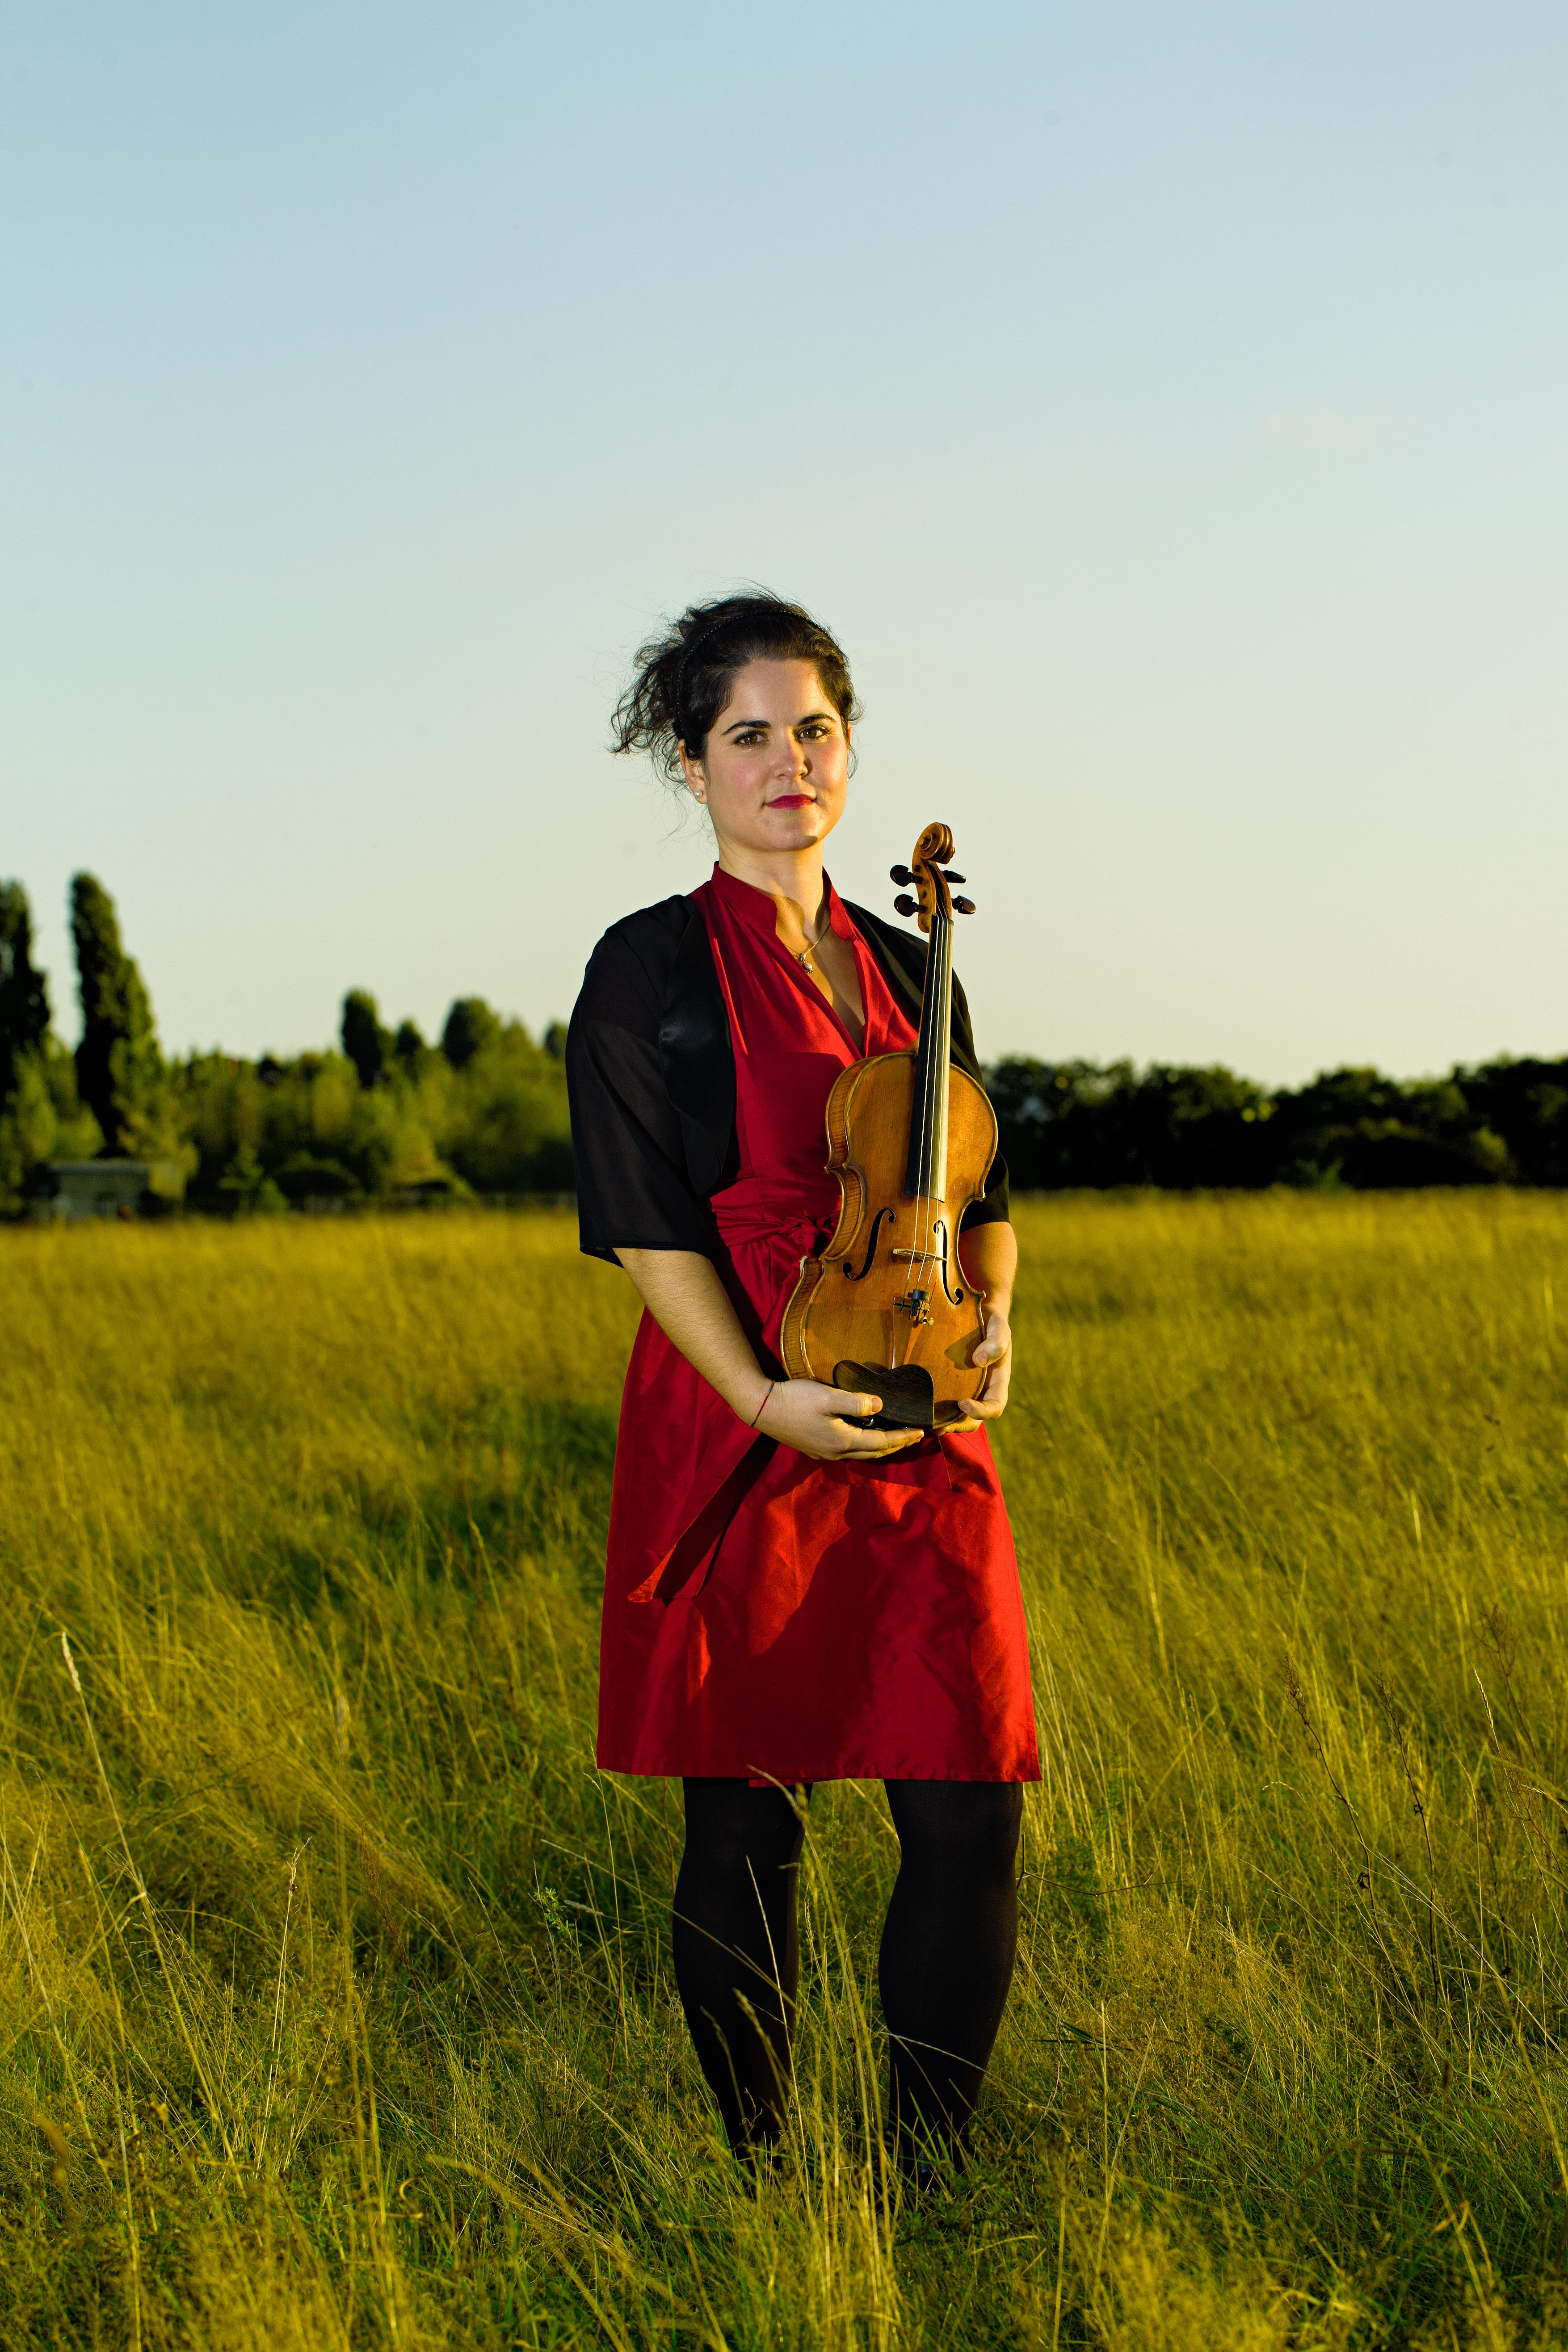 Avigail Bushakevitz, violin